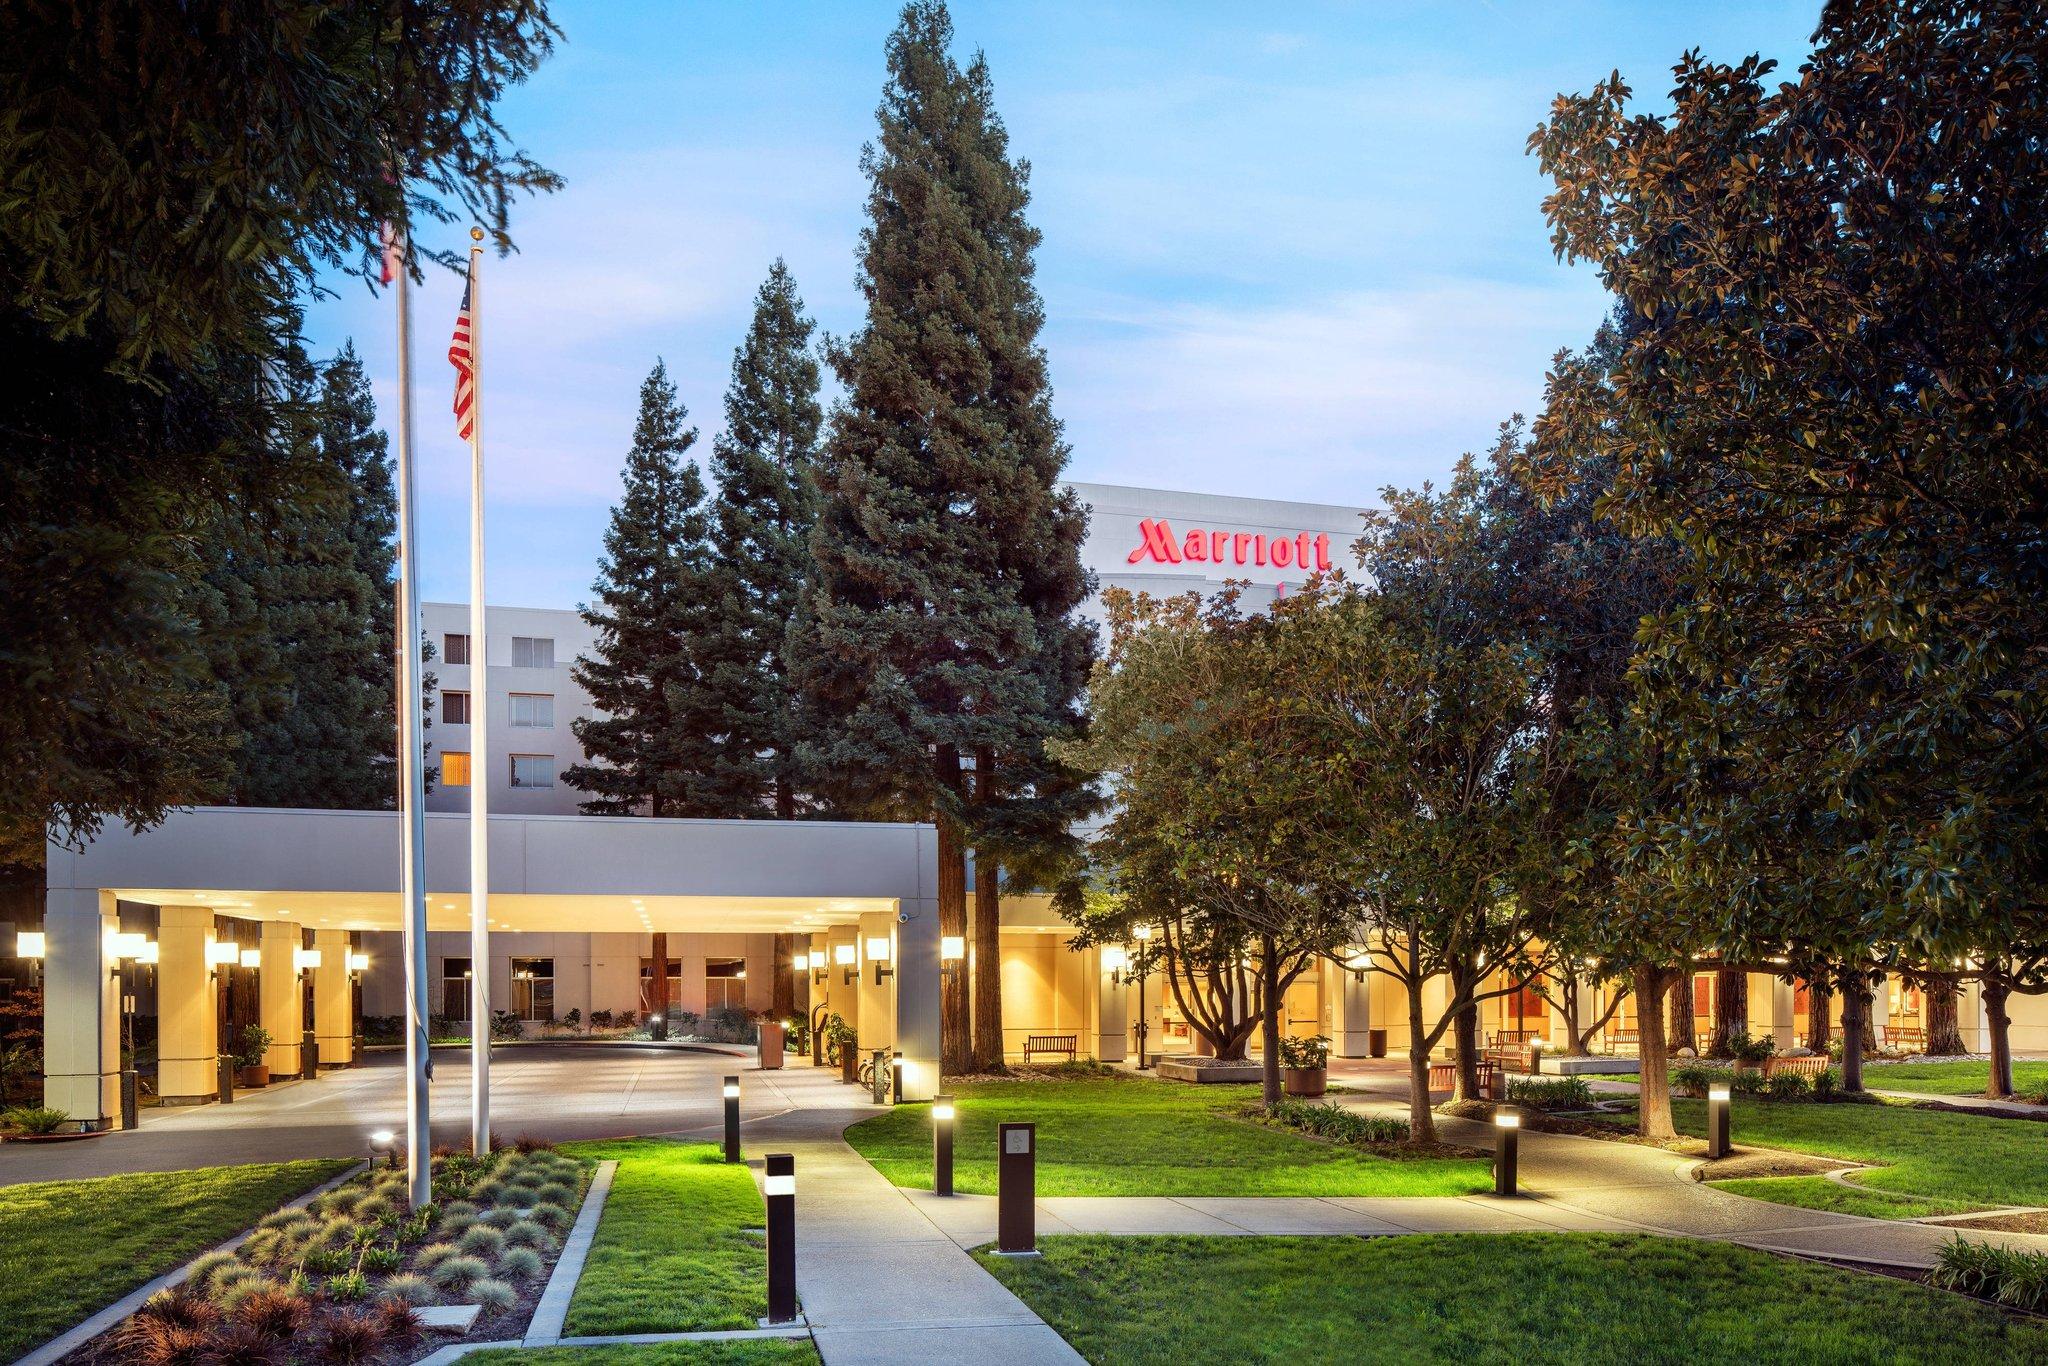 Marriott San Ramon